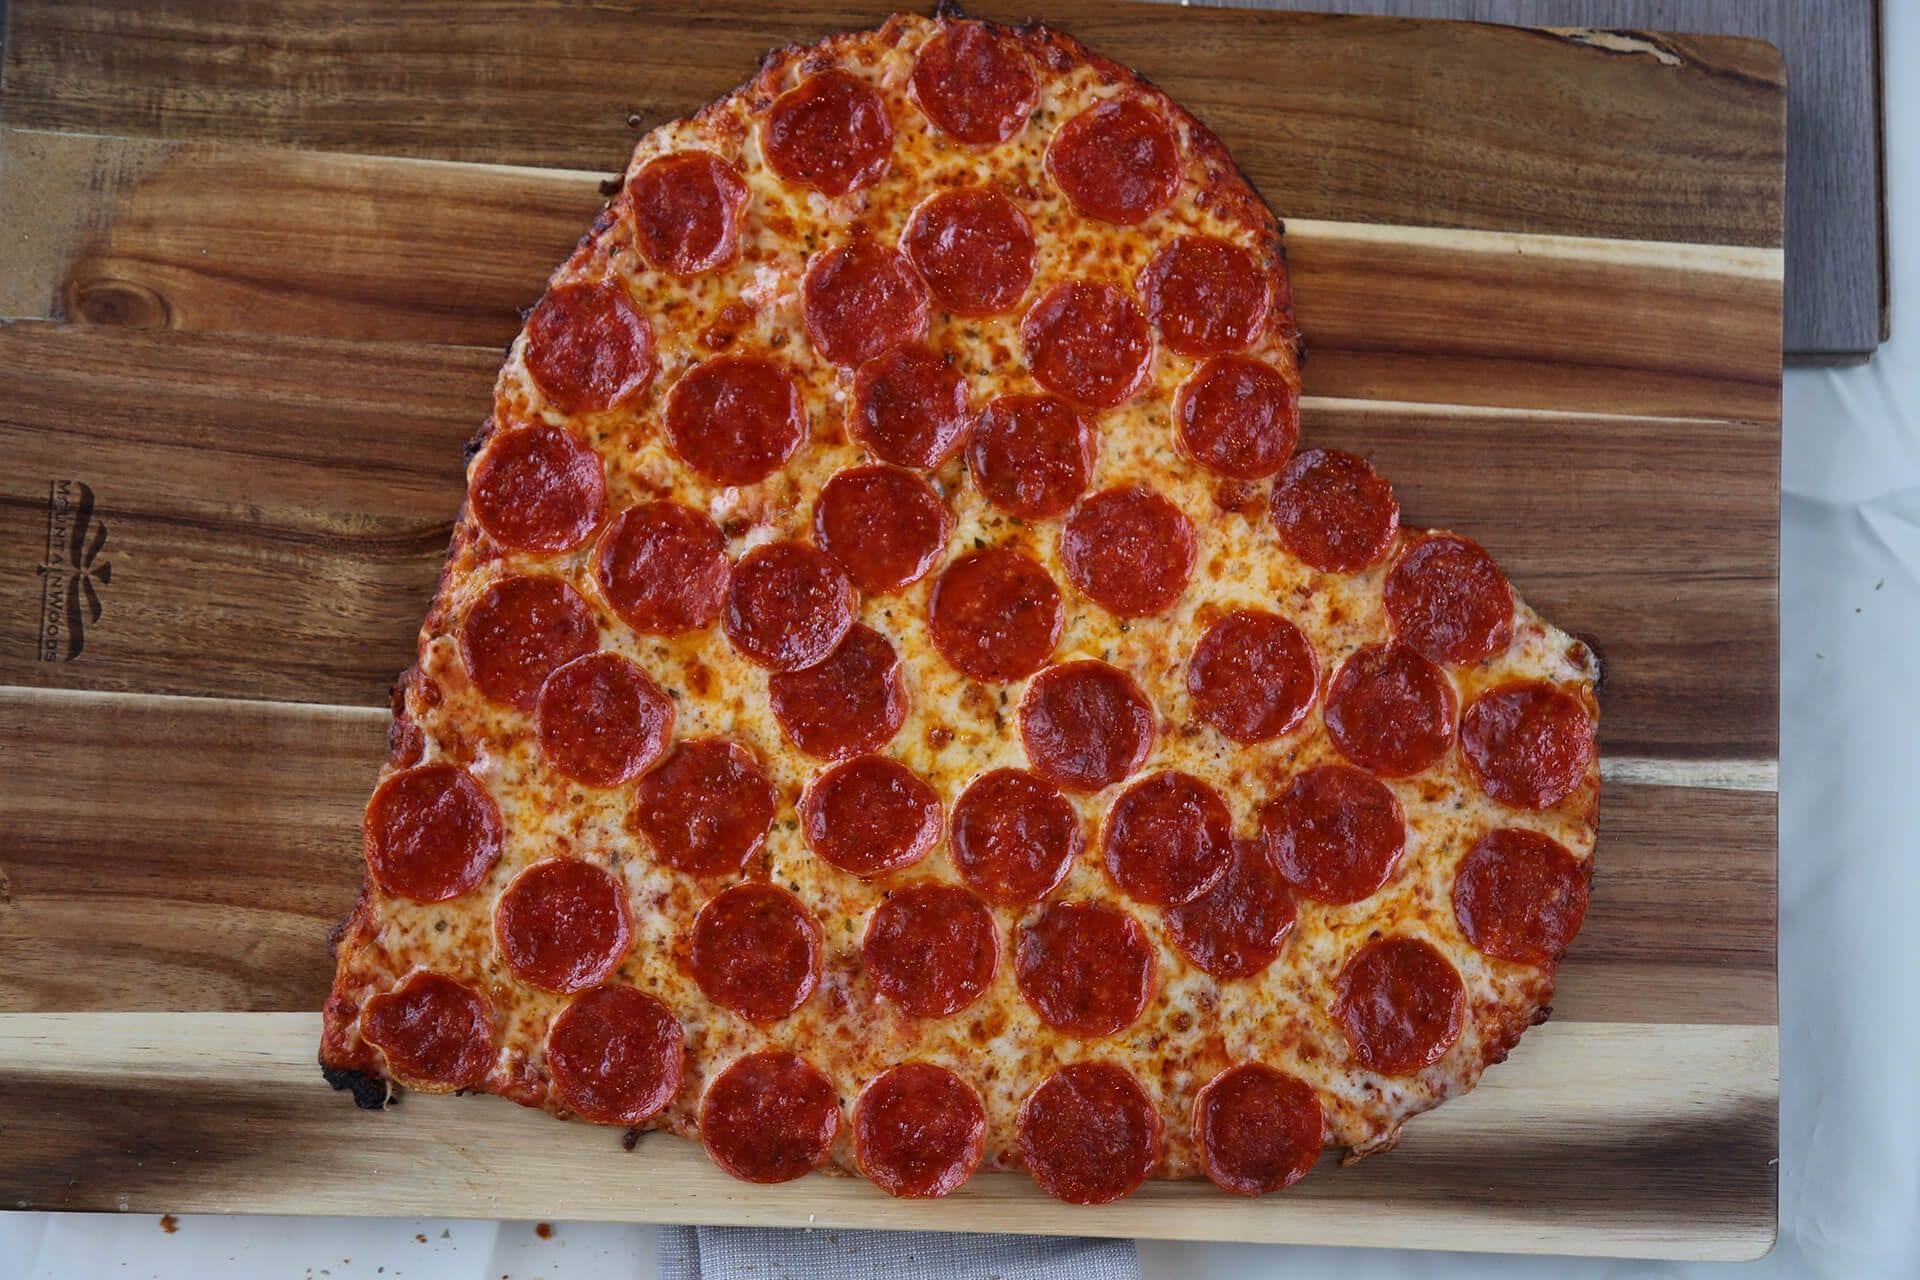 Heart Shaped Pizza - Cassano's - The Pizza King